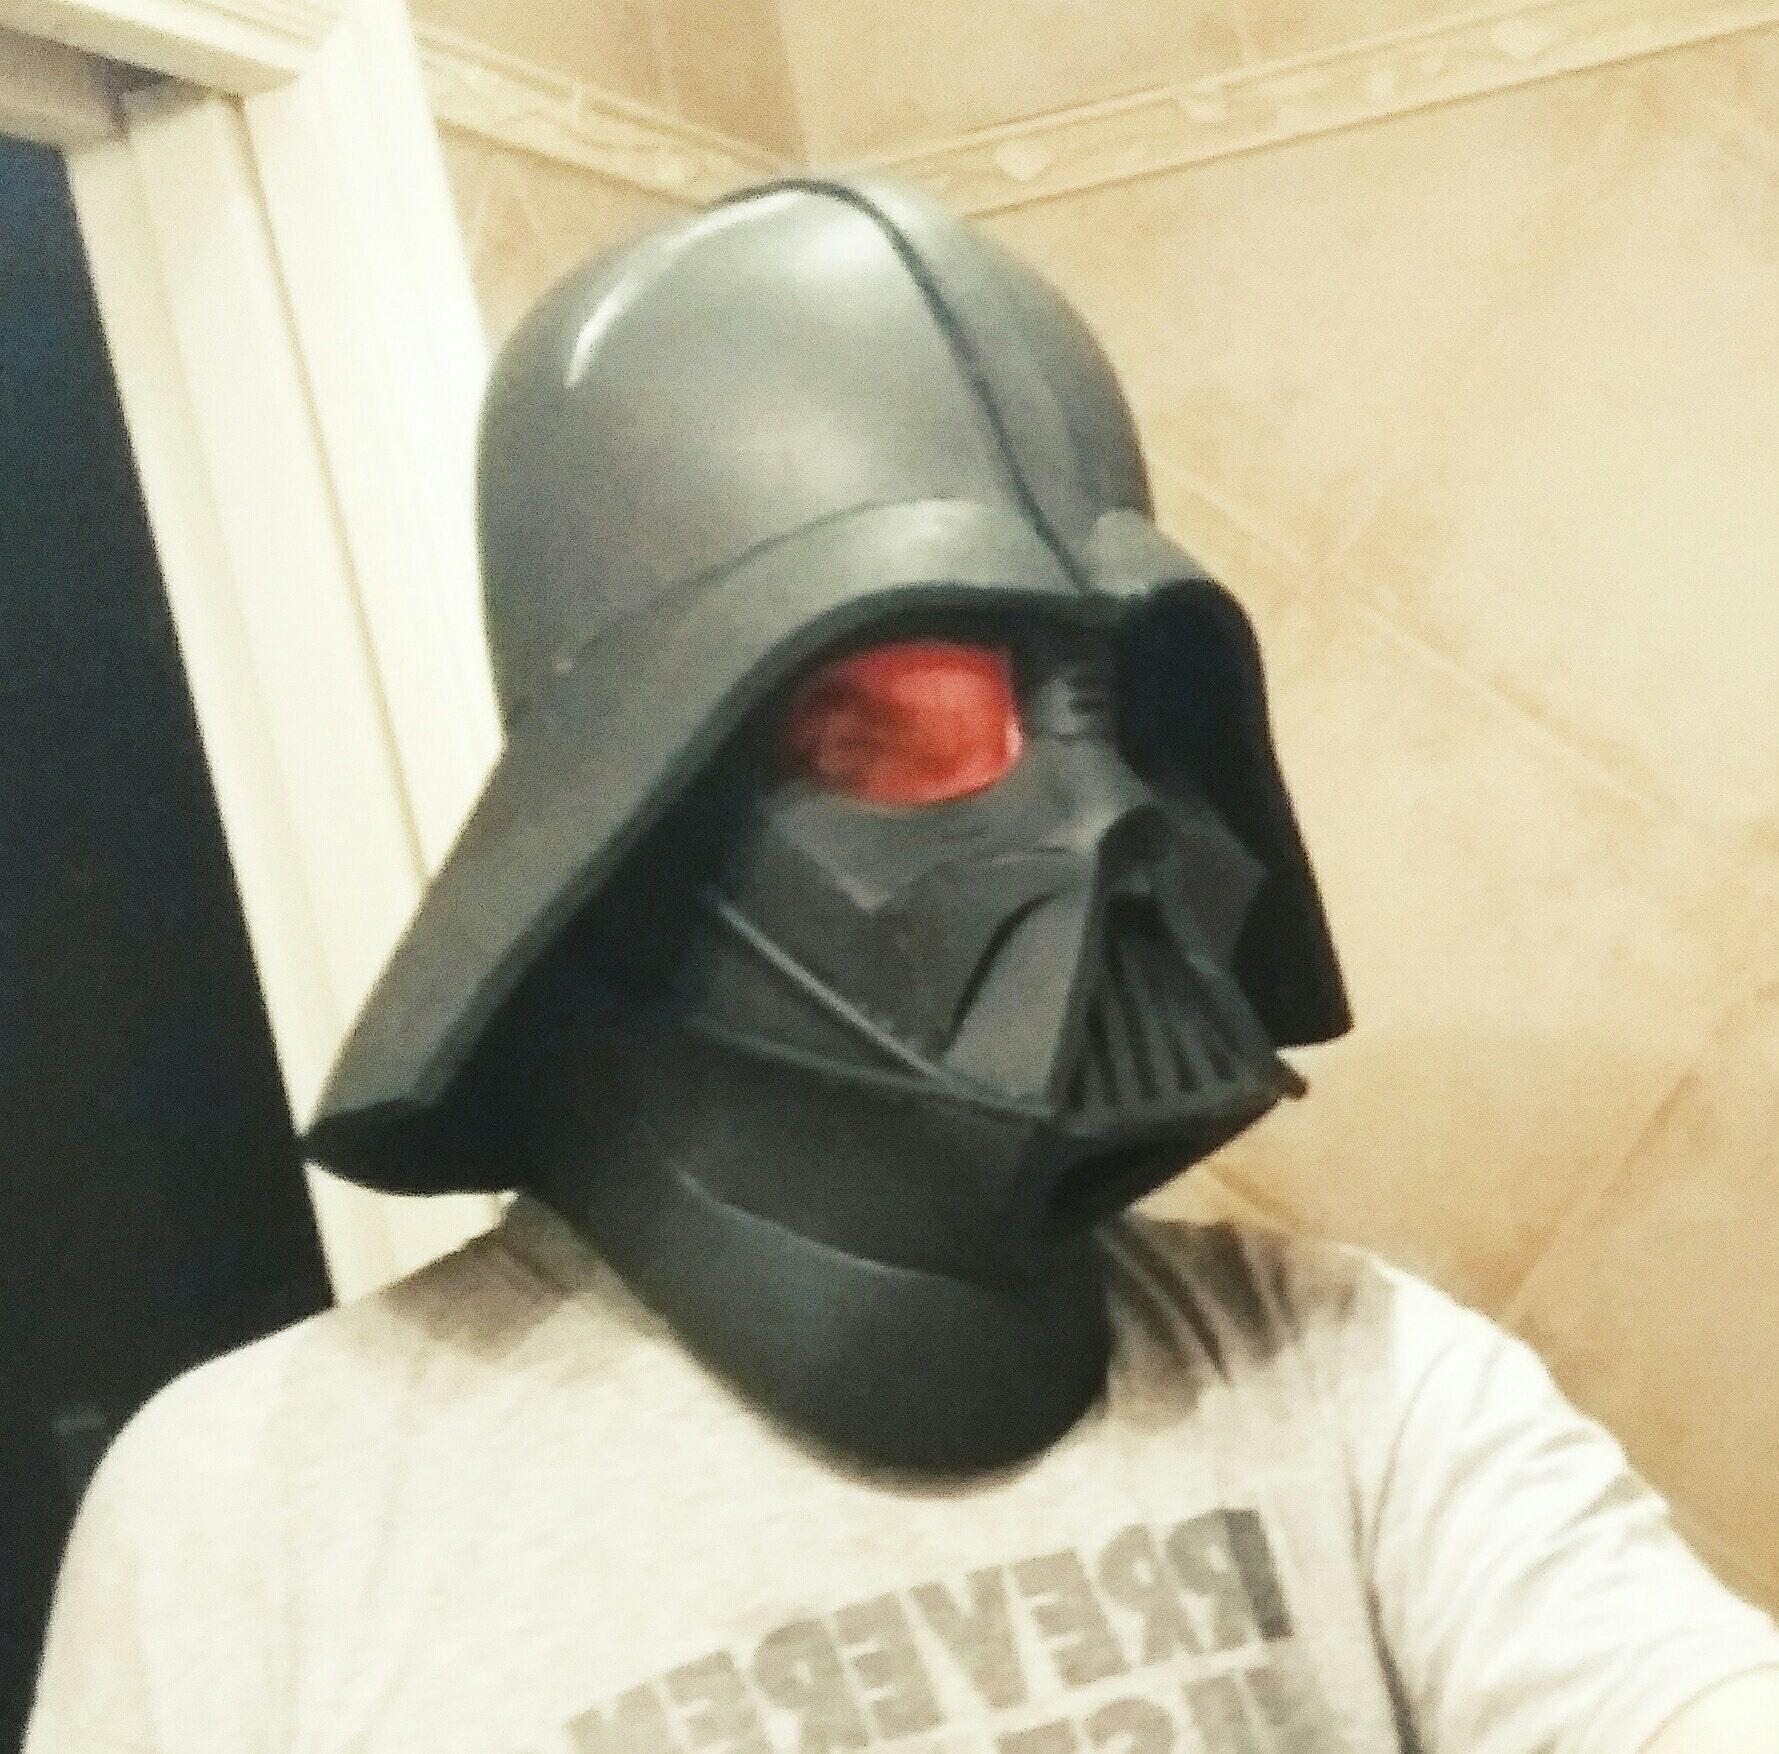 Darth Vader Full Helmet Foam Templates Cosplay Costume Etsy